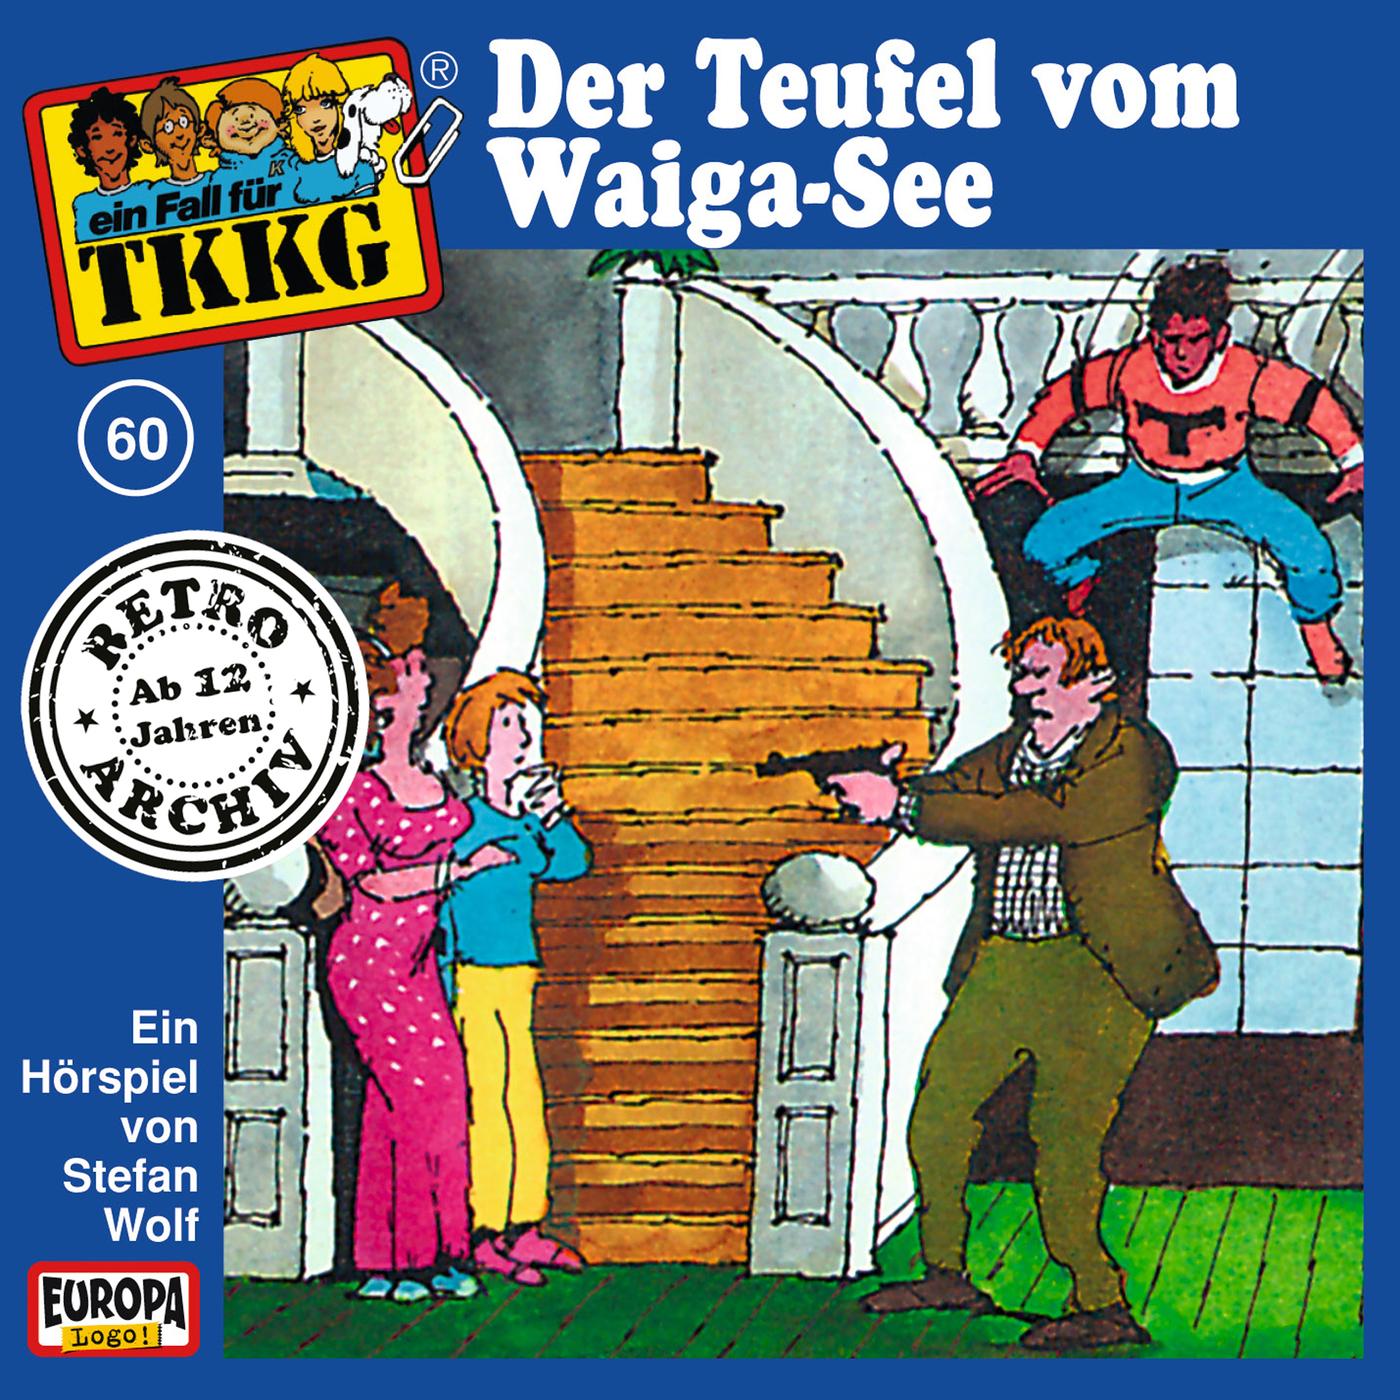 060/Der Teufel vom Waiga-See - TKKG Retro-Archiv